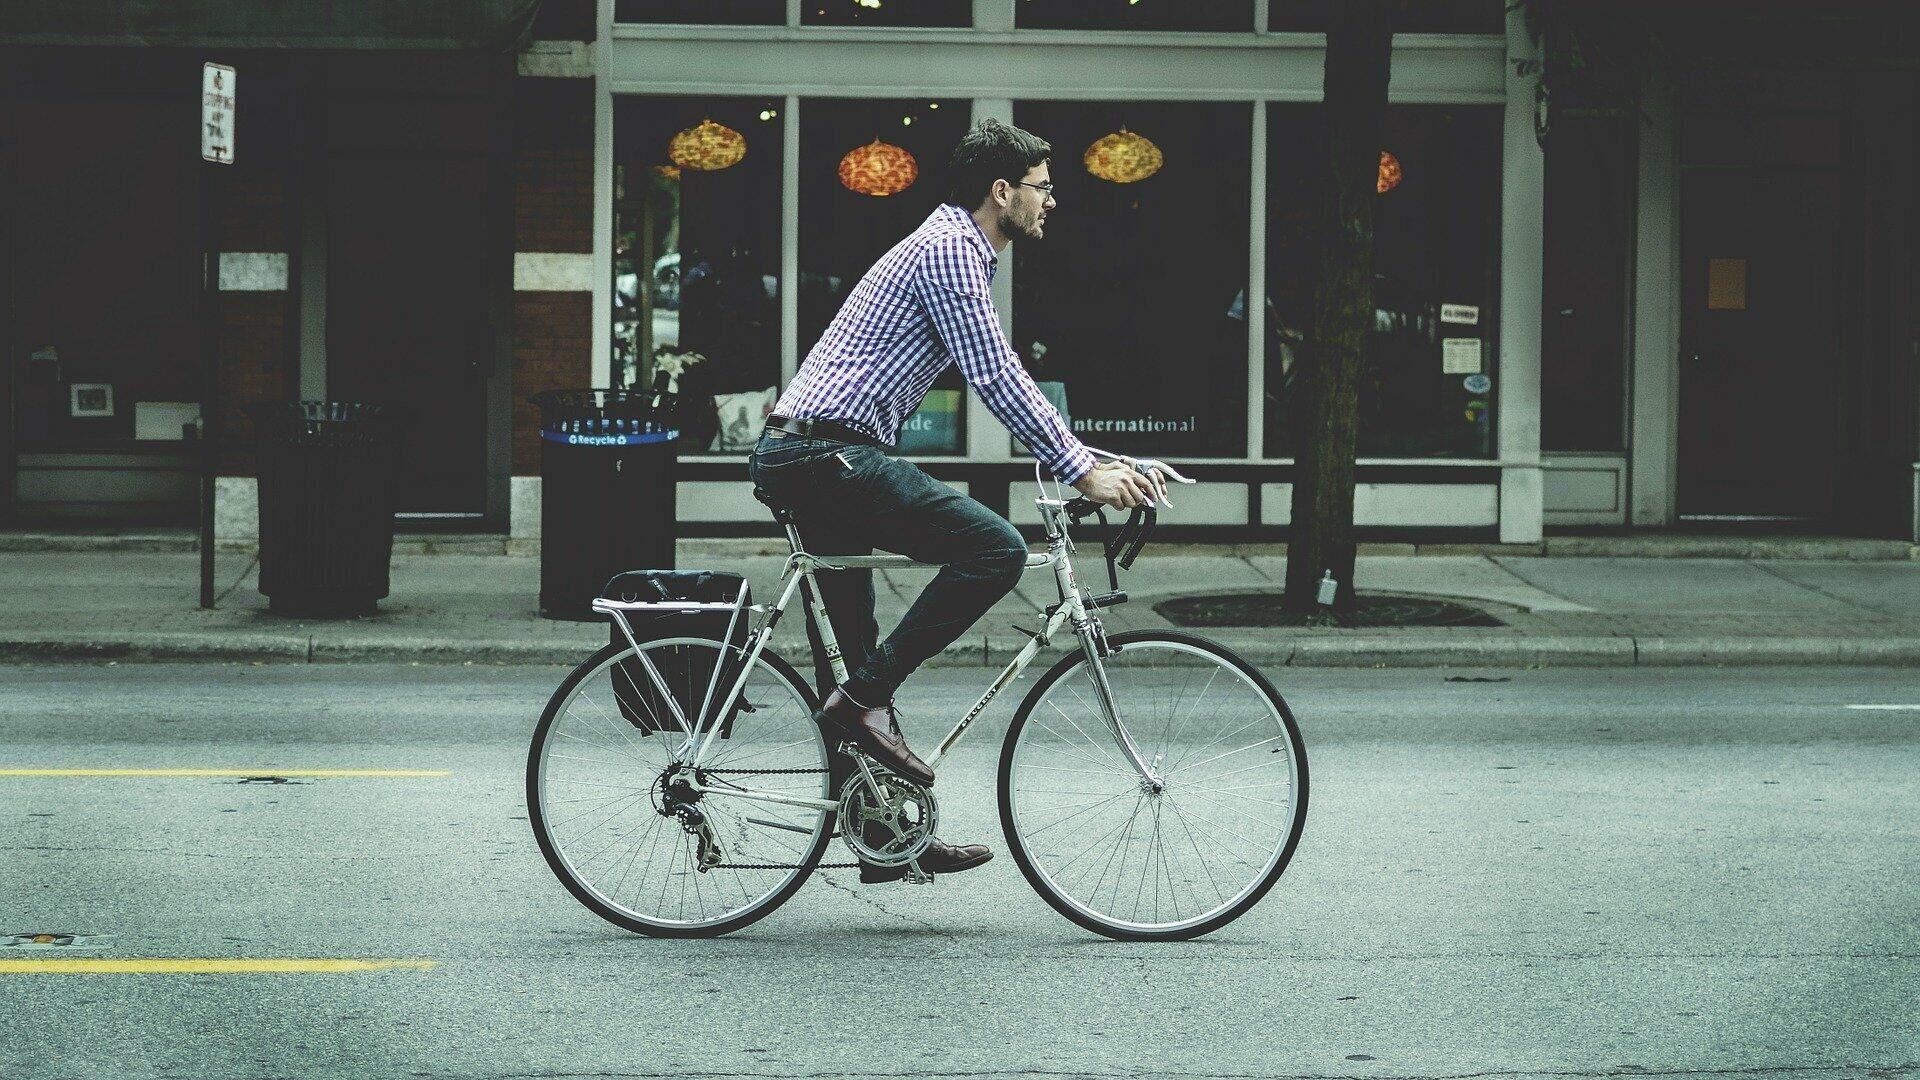 Человек на велосипеде - РИА Новости, 1920, 13.07.2021